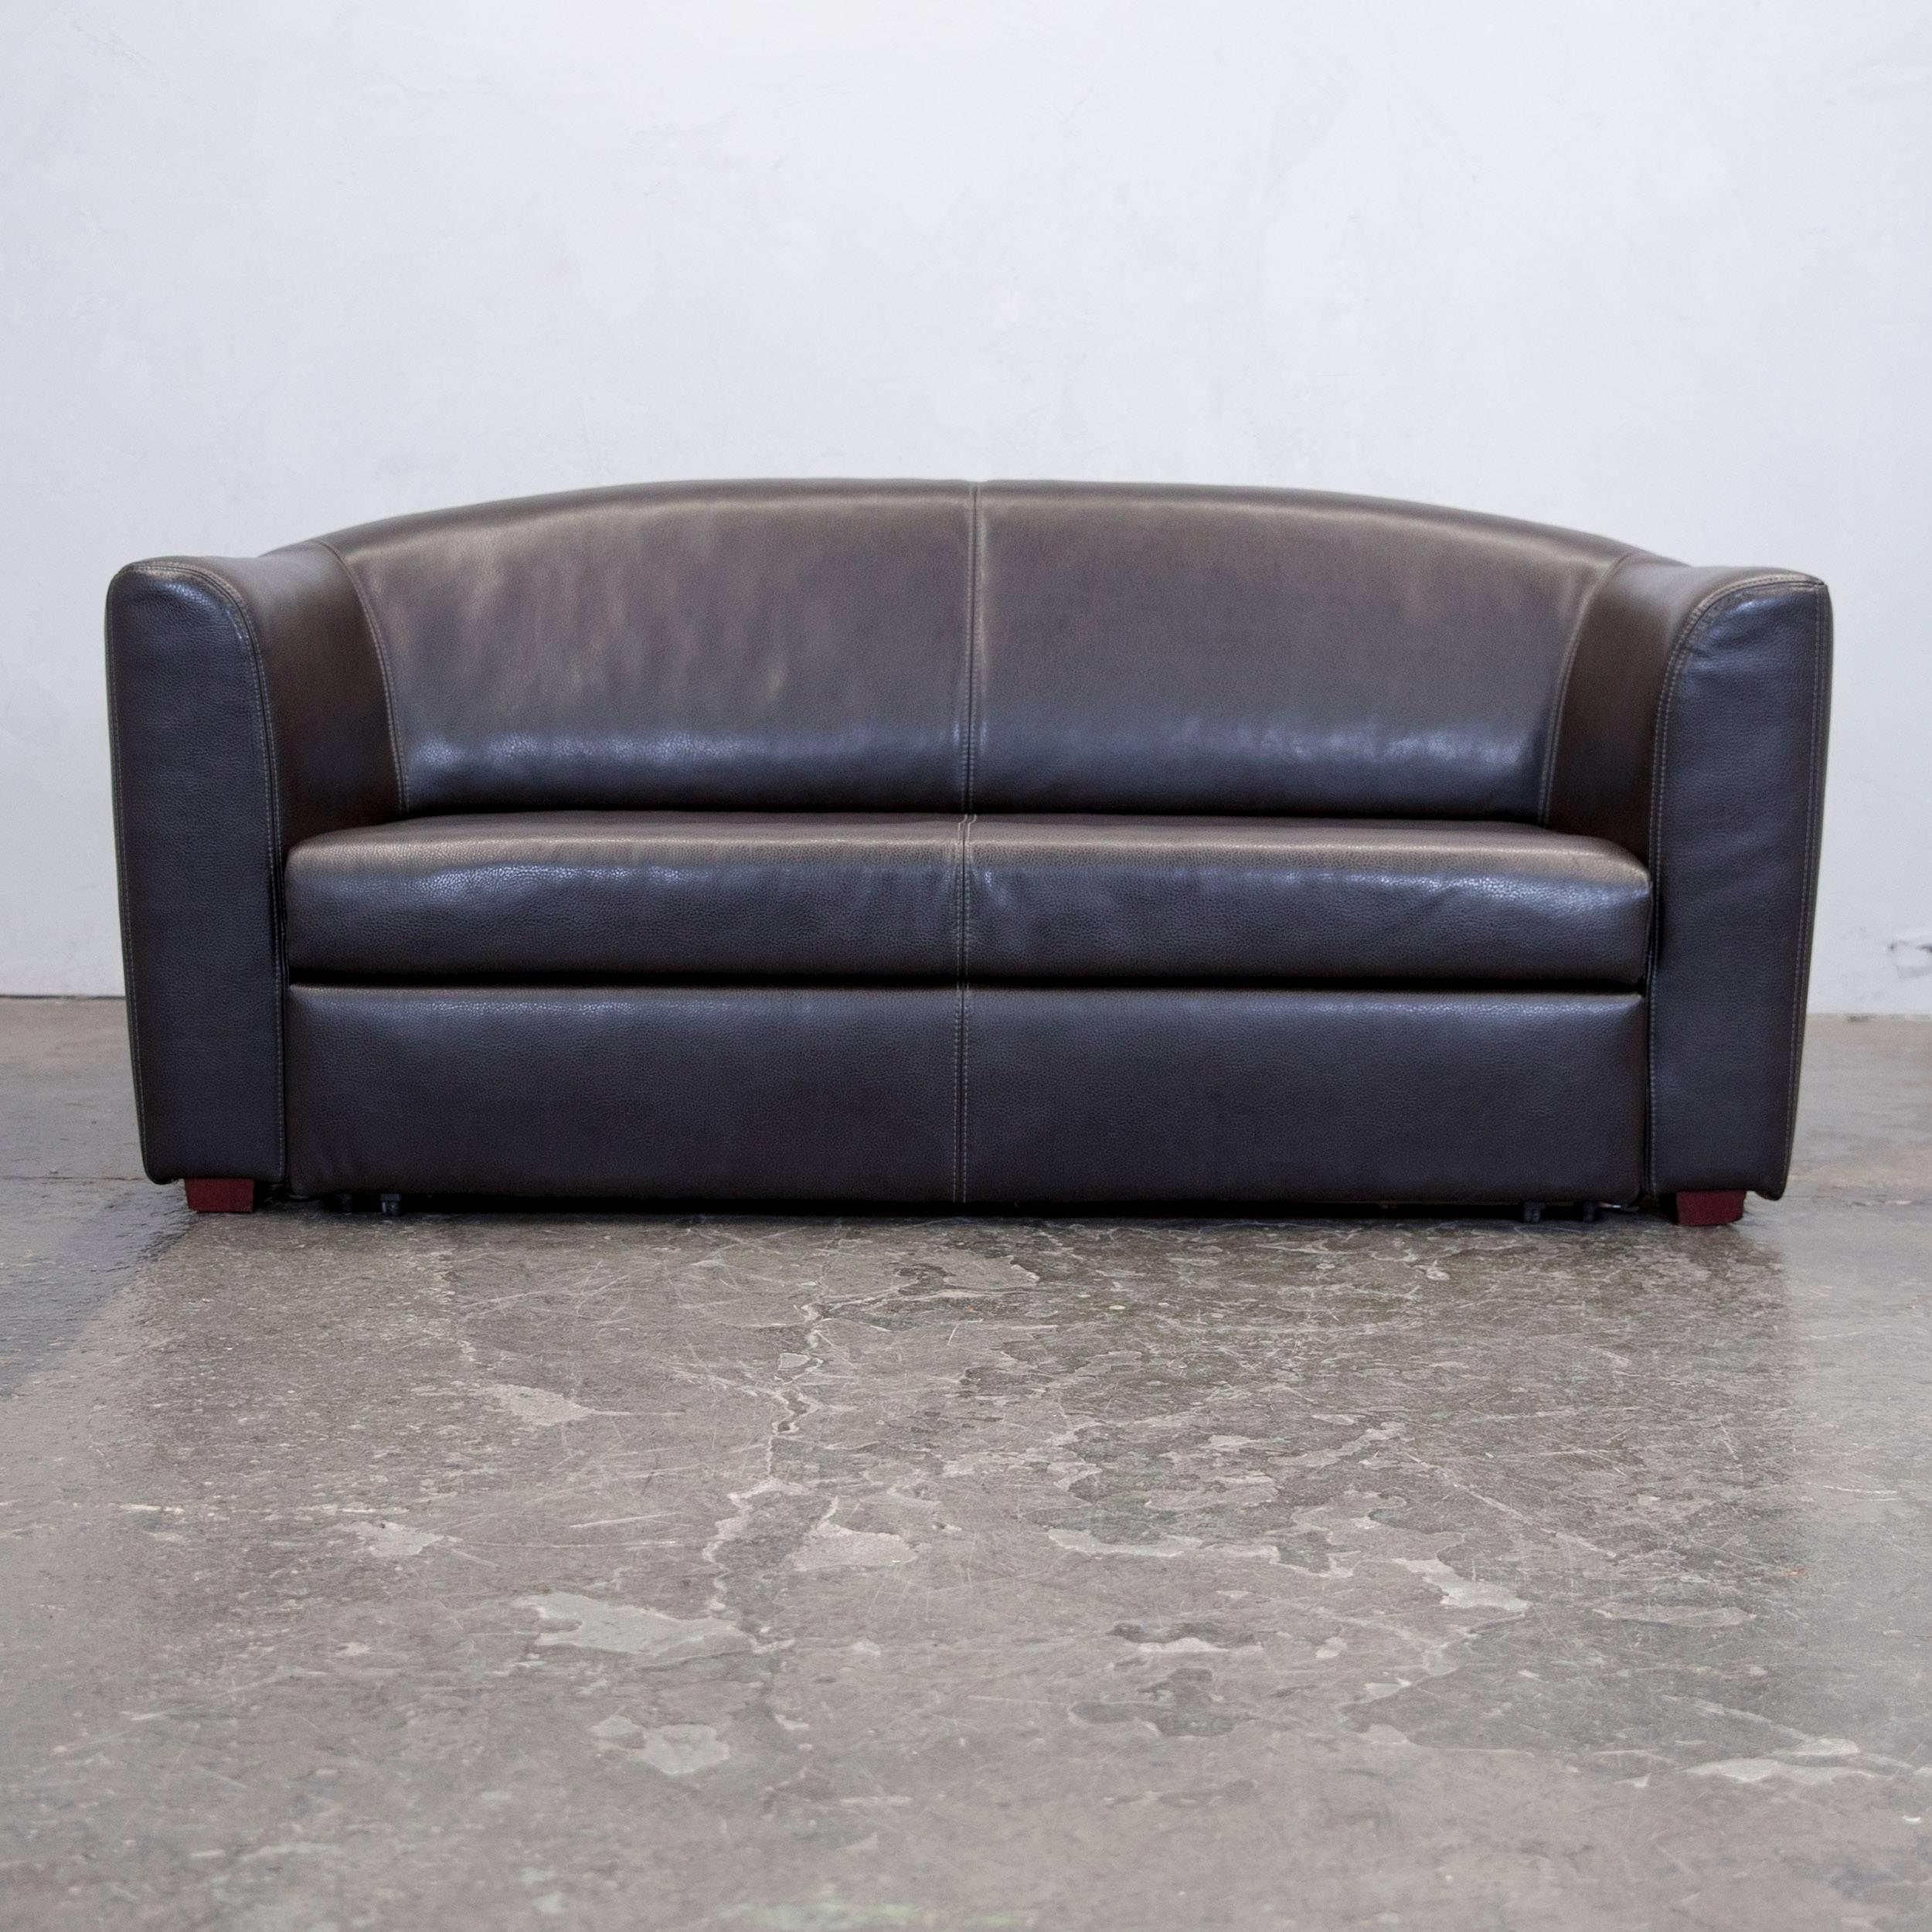 Wunderschön Sofa Und Sessel Referenz Von Designer Couch Leder European Er Leather Set